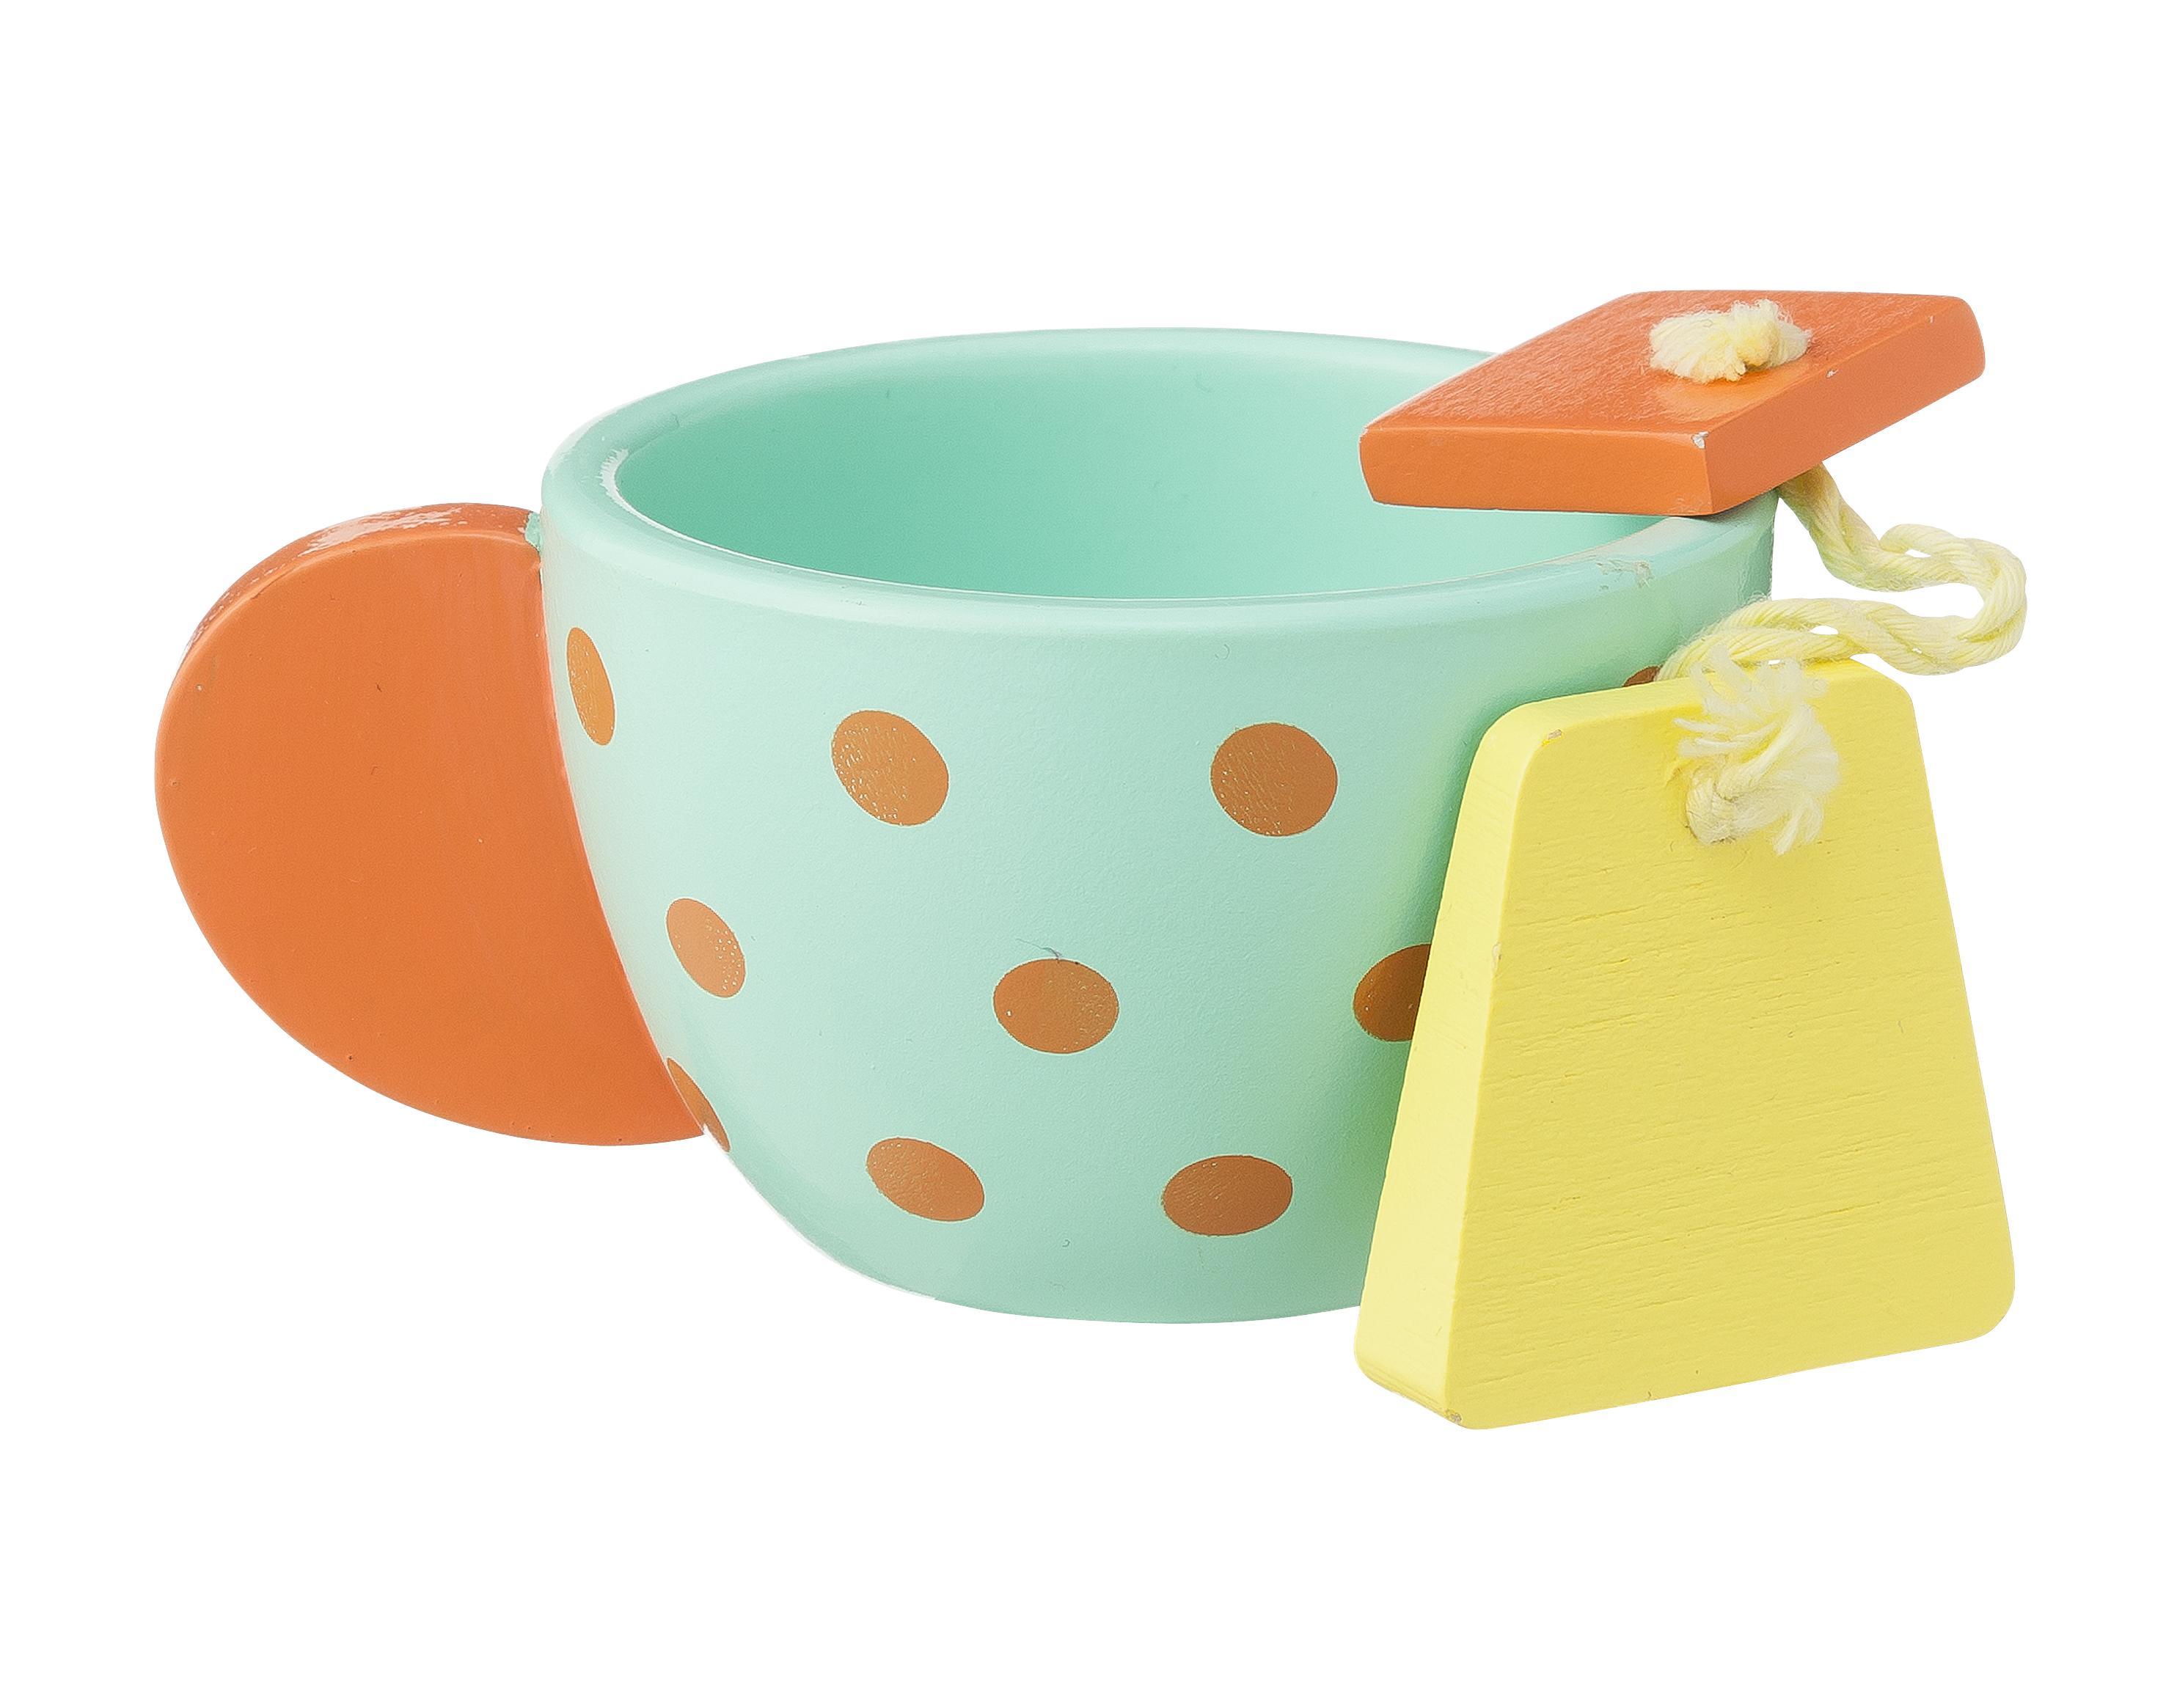 Houten Speelgoed Keuken : Nieuw houten speelgoed bij hema moeders nu